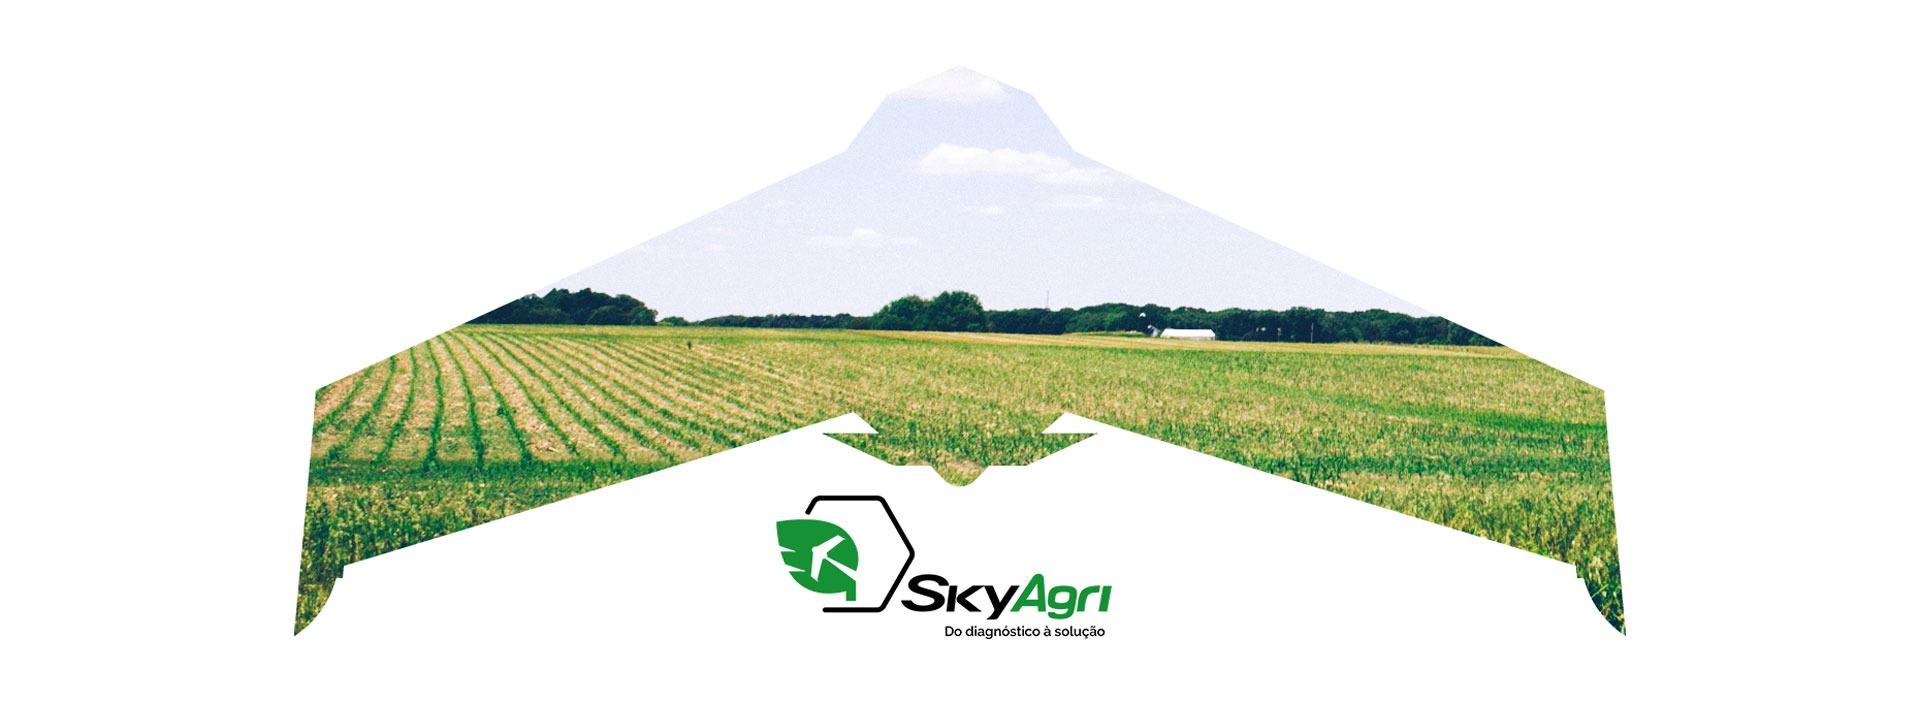 SkyAgri: Do diagnóstico à solução